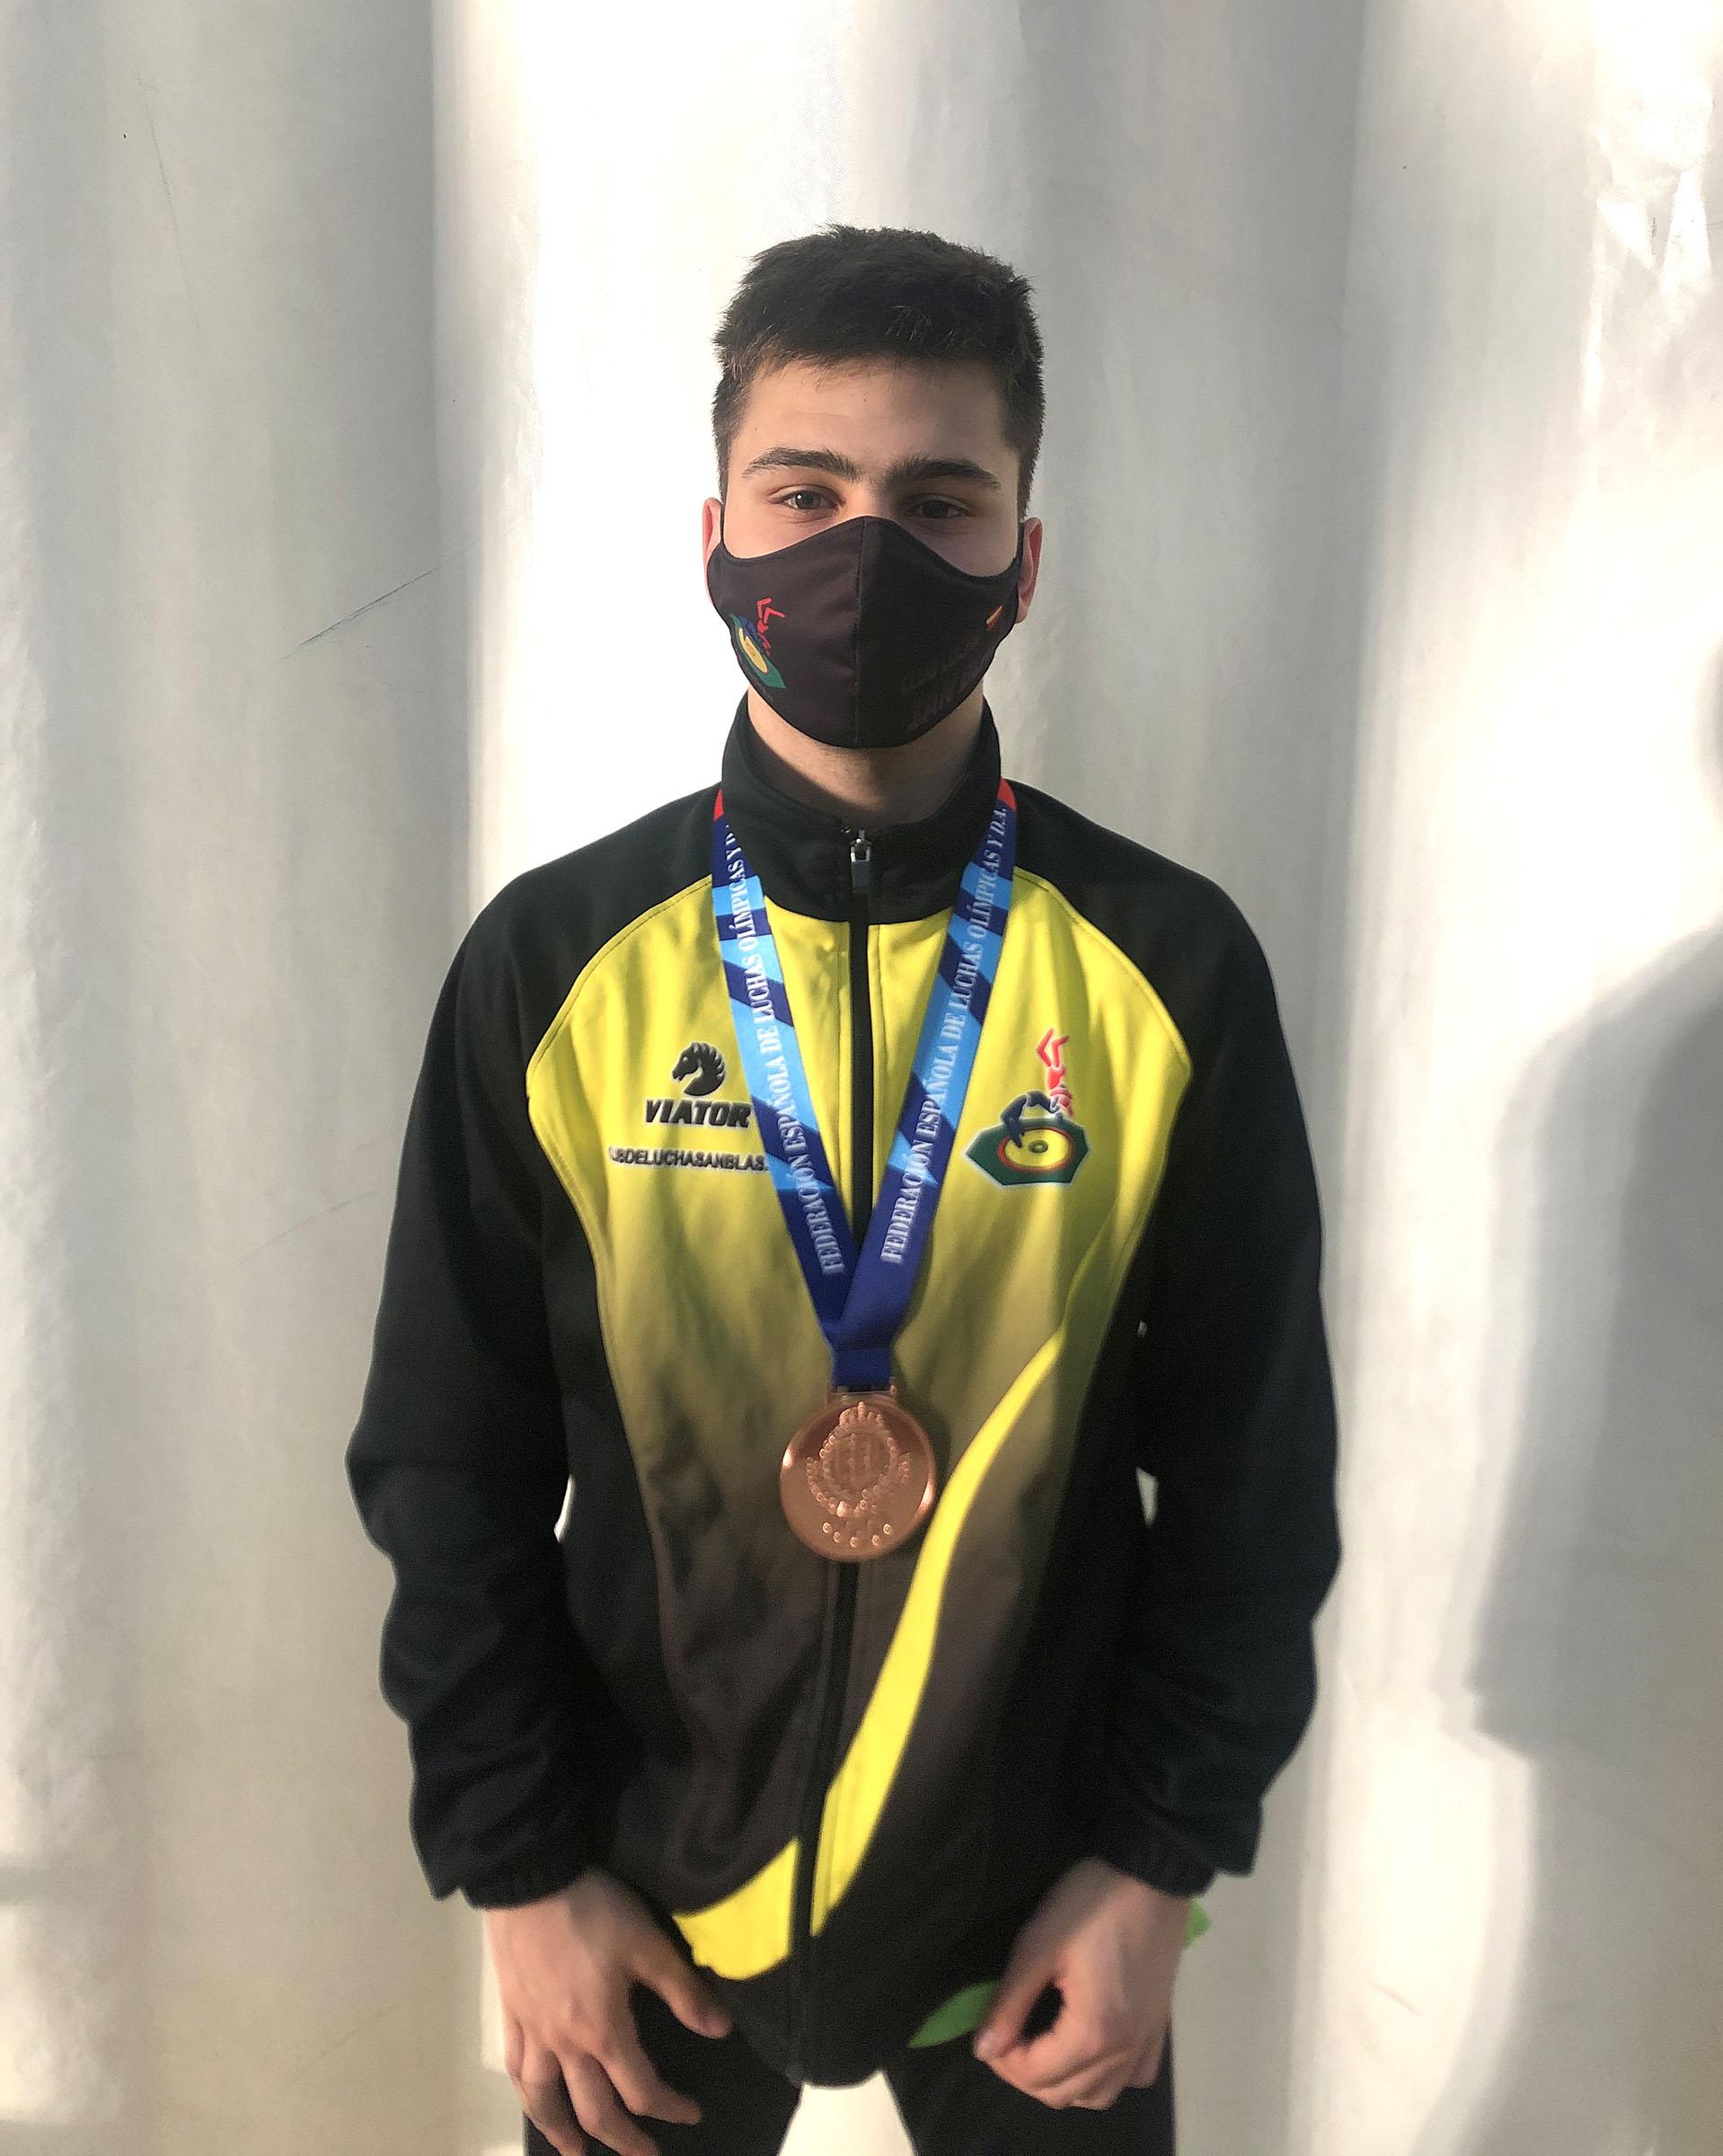 lucha Santiago Vallejo puesto campeonato de espana